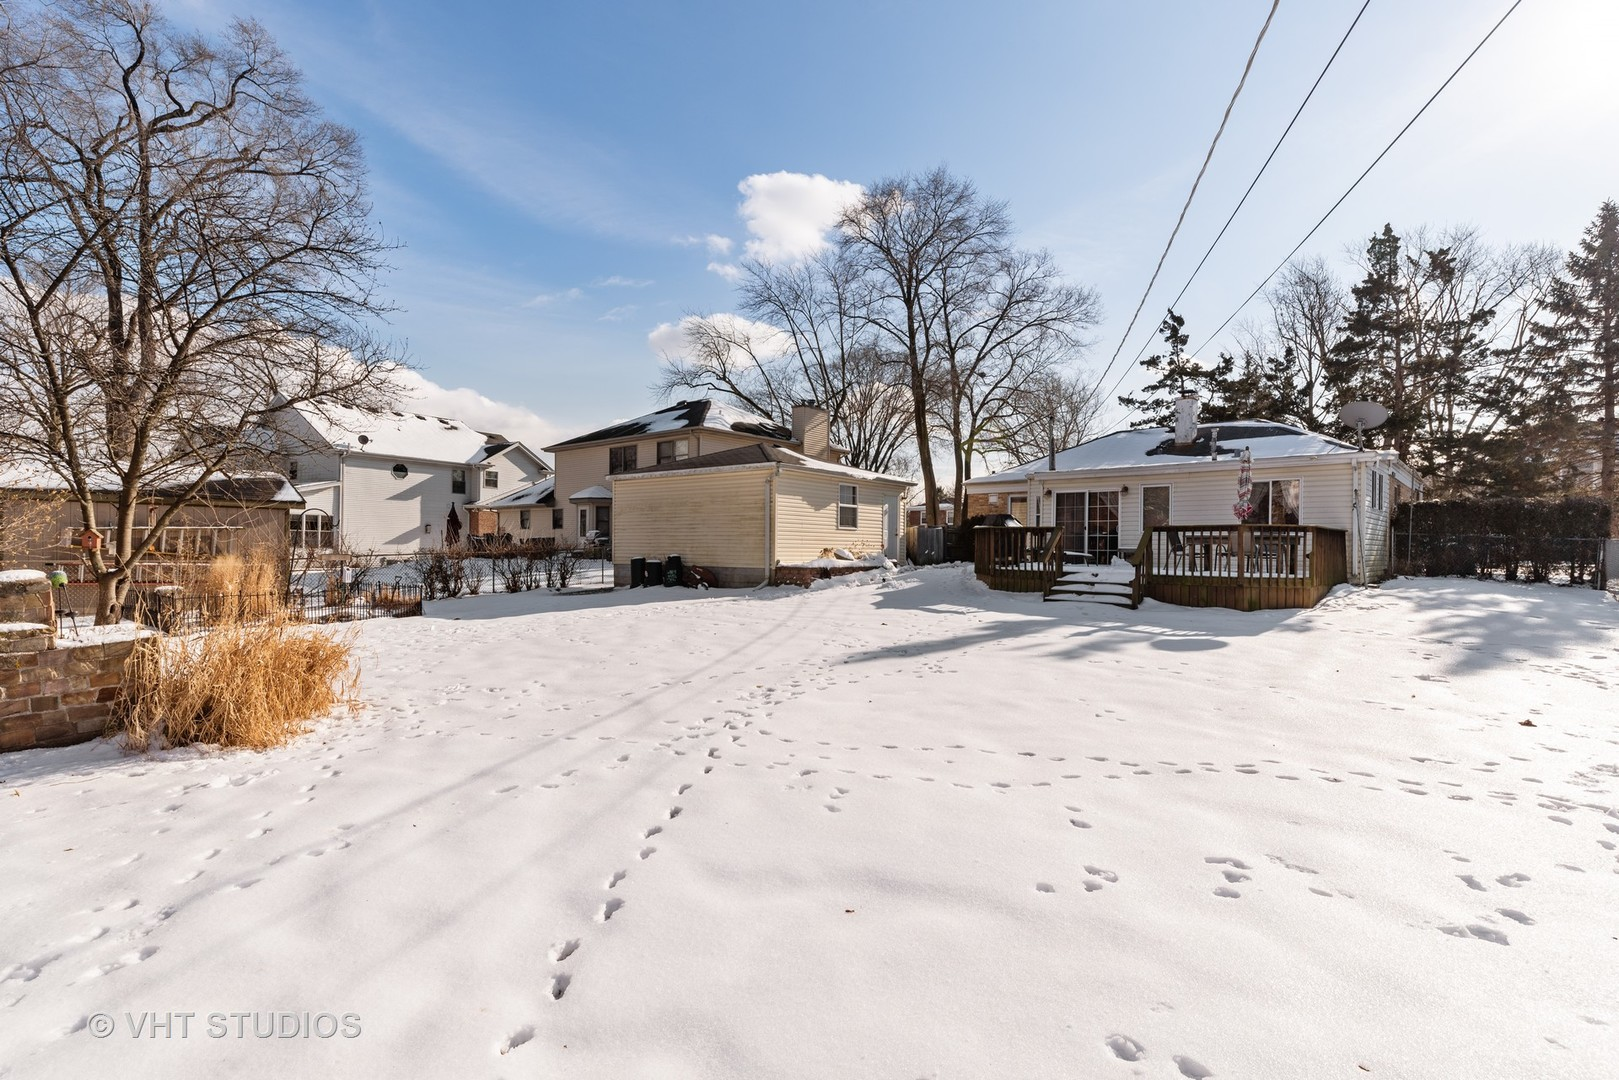 408 West Larkdale, Mount Prospect, Illinois, 60056